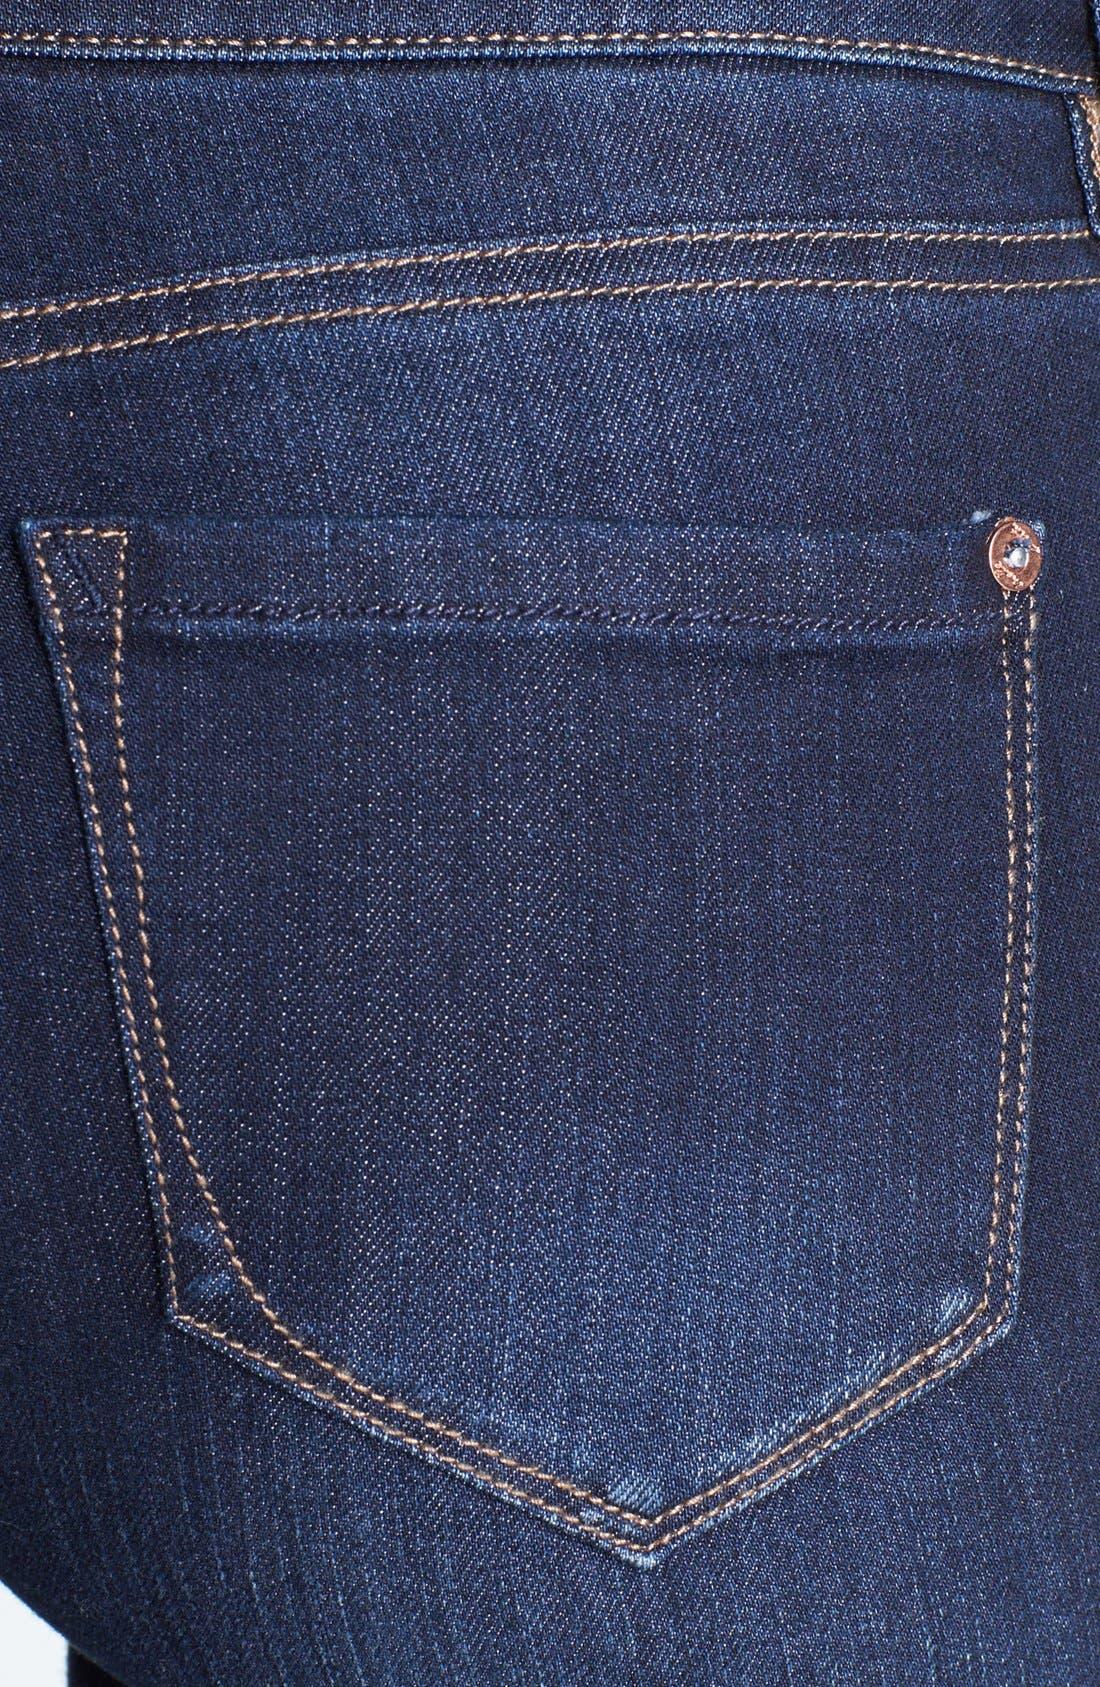 Alternate Image 3  - kensie Skinny Jeans (Starry Eyed)